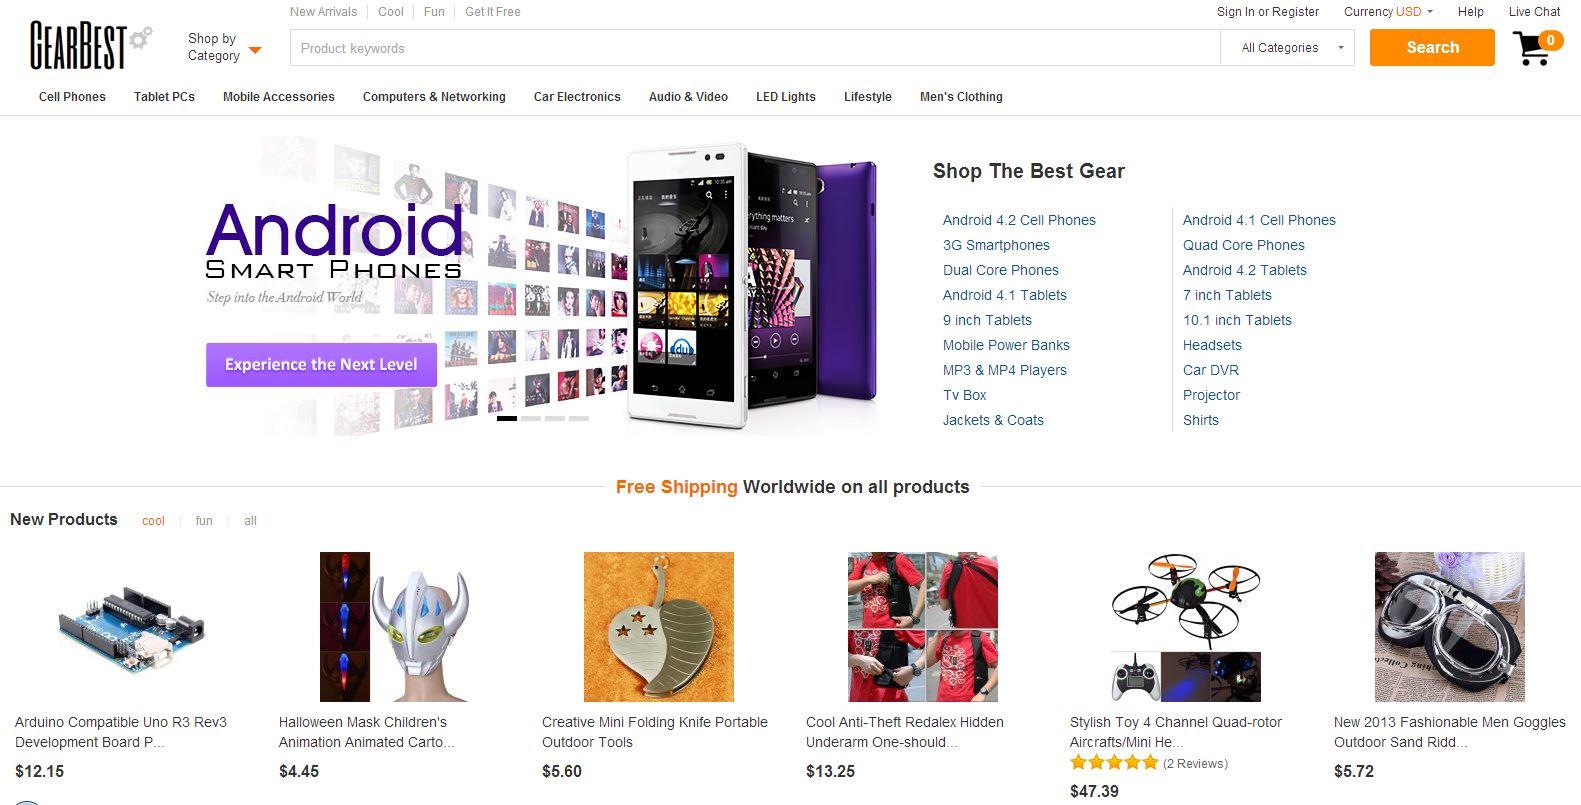 gearbest Reviews | 20,167 Reviews of Gearbest.com ...